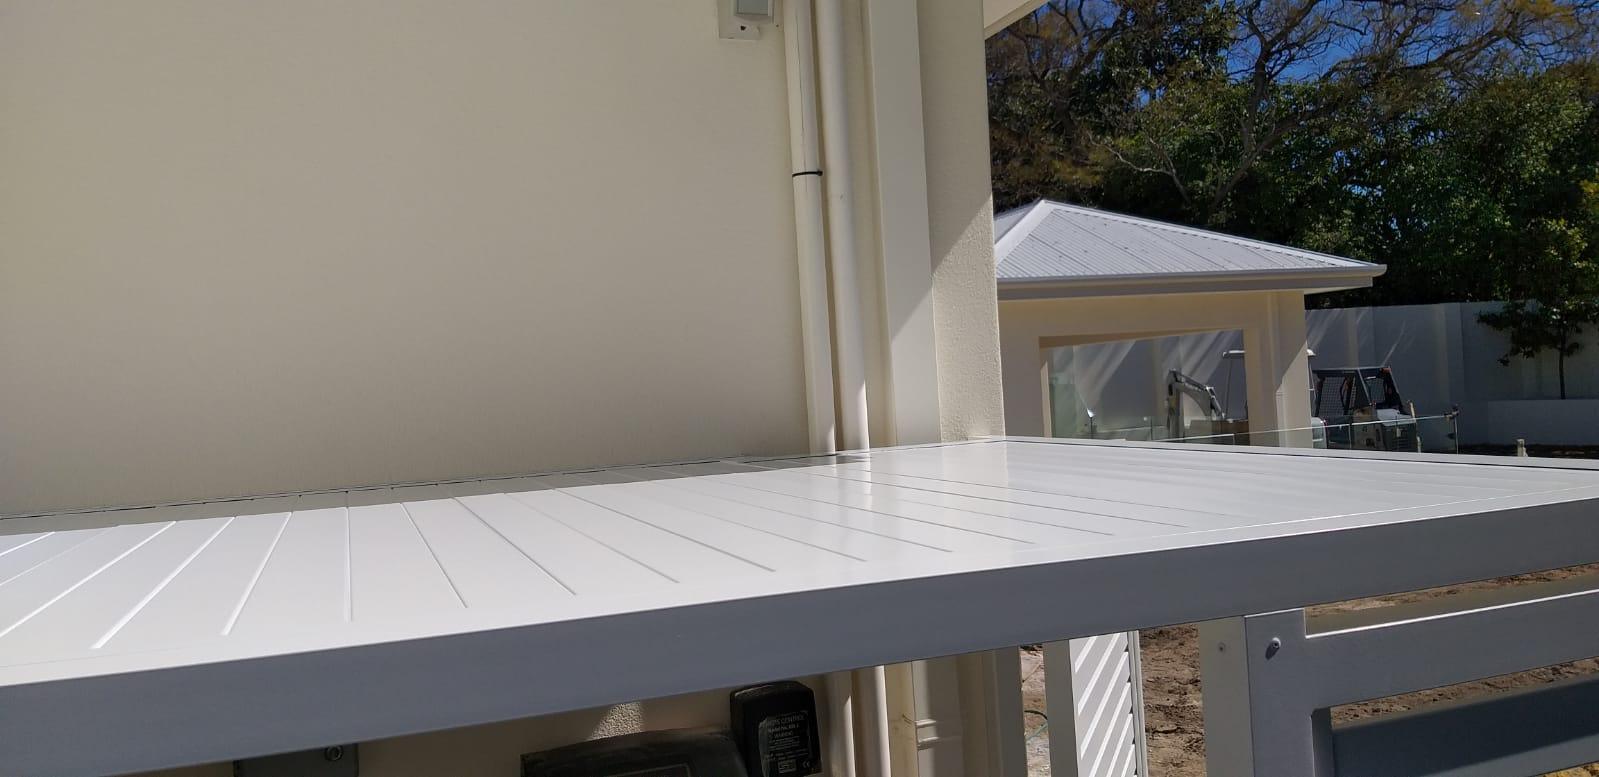 Pool pump and Aircon enclosure - roof 1